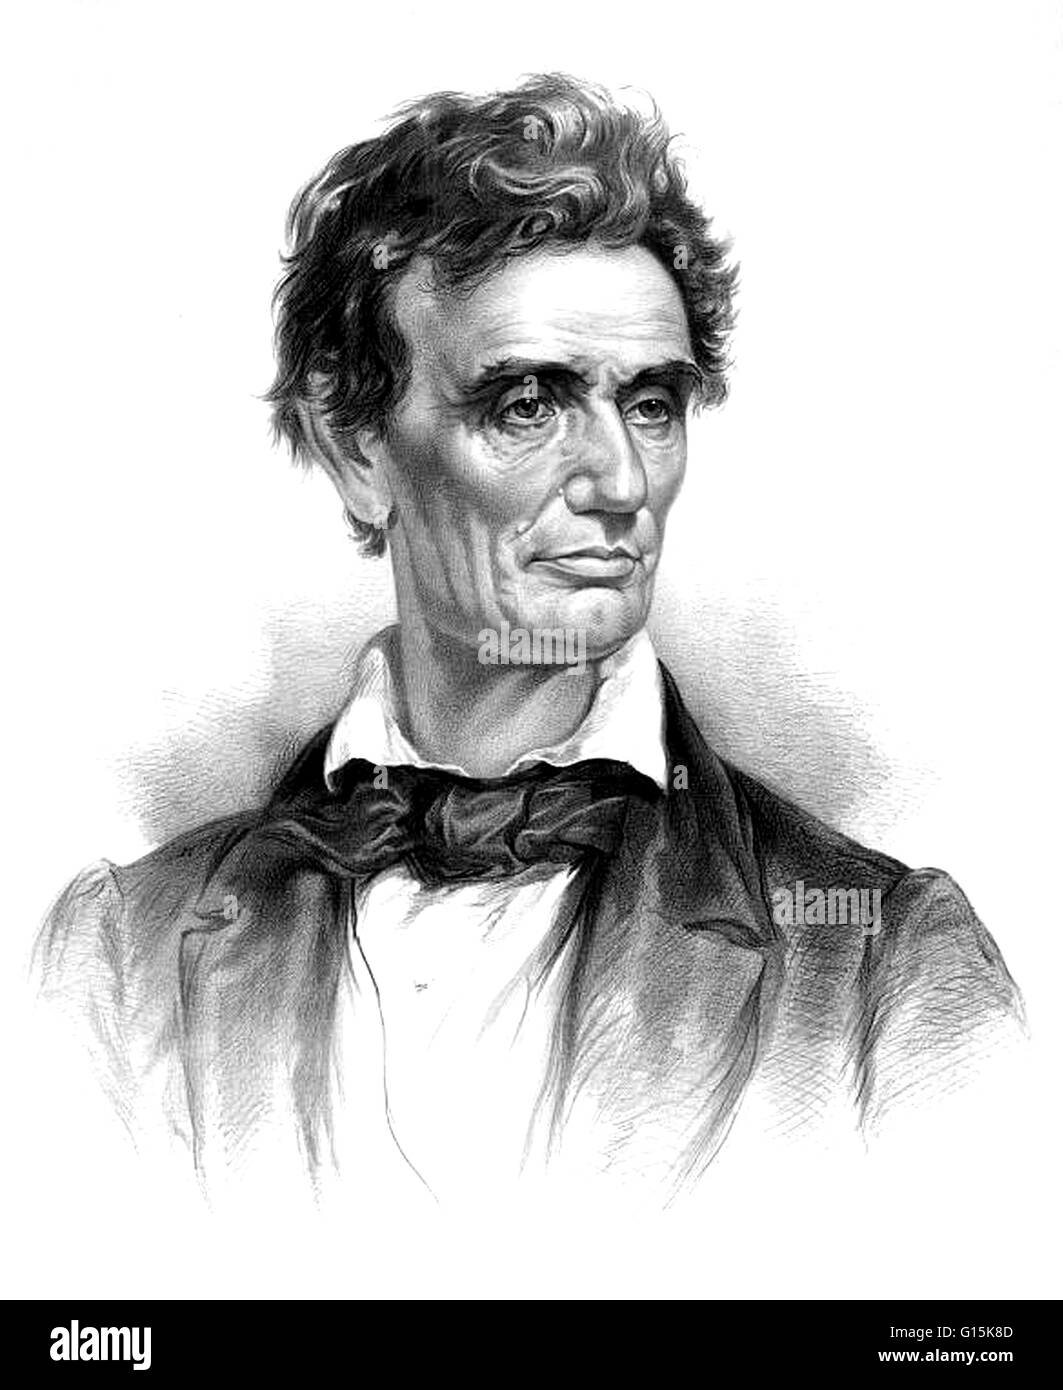 Abramo Lincoln (Febbraio 12, 1809 - 15 Aprile 1865) era il sedicesimo presidente degli Stati Uniti, a partire dal Immagini Stock